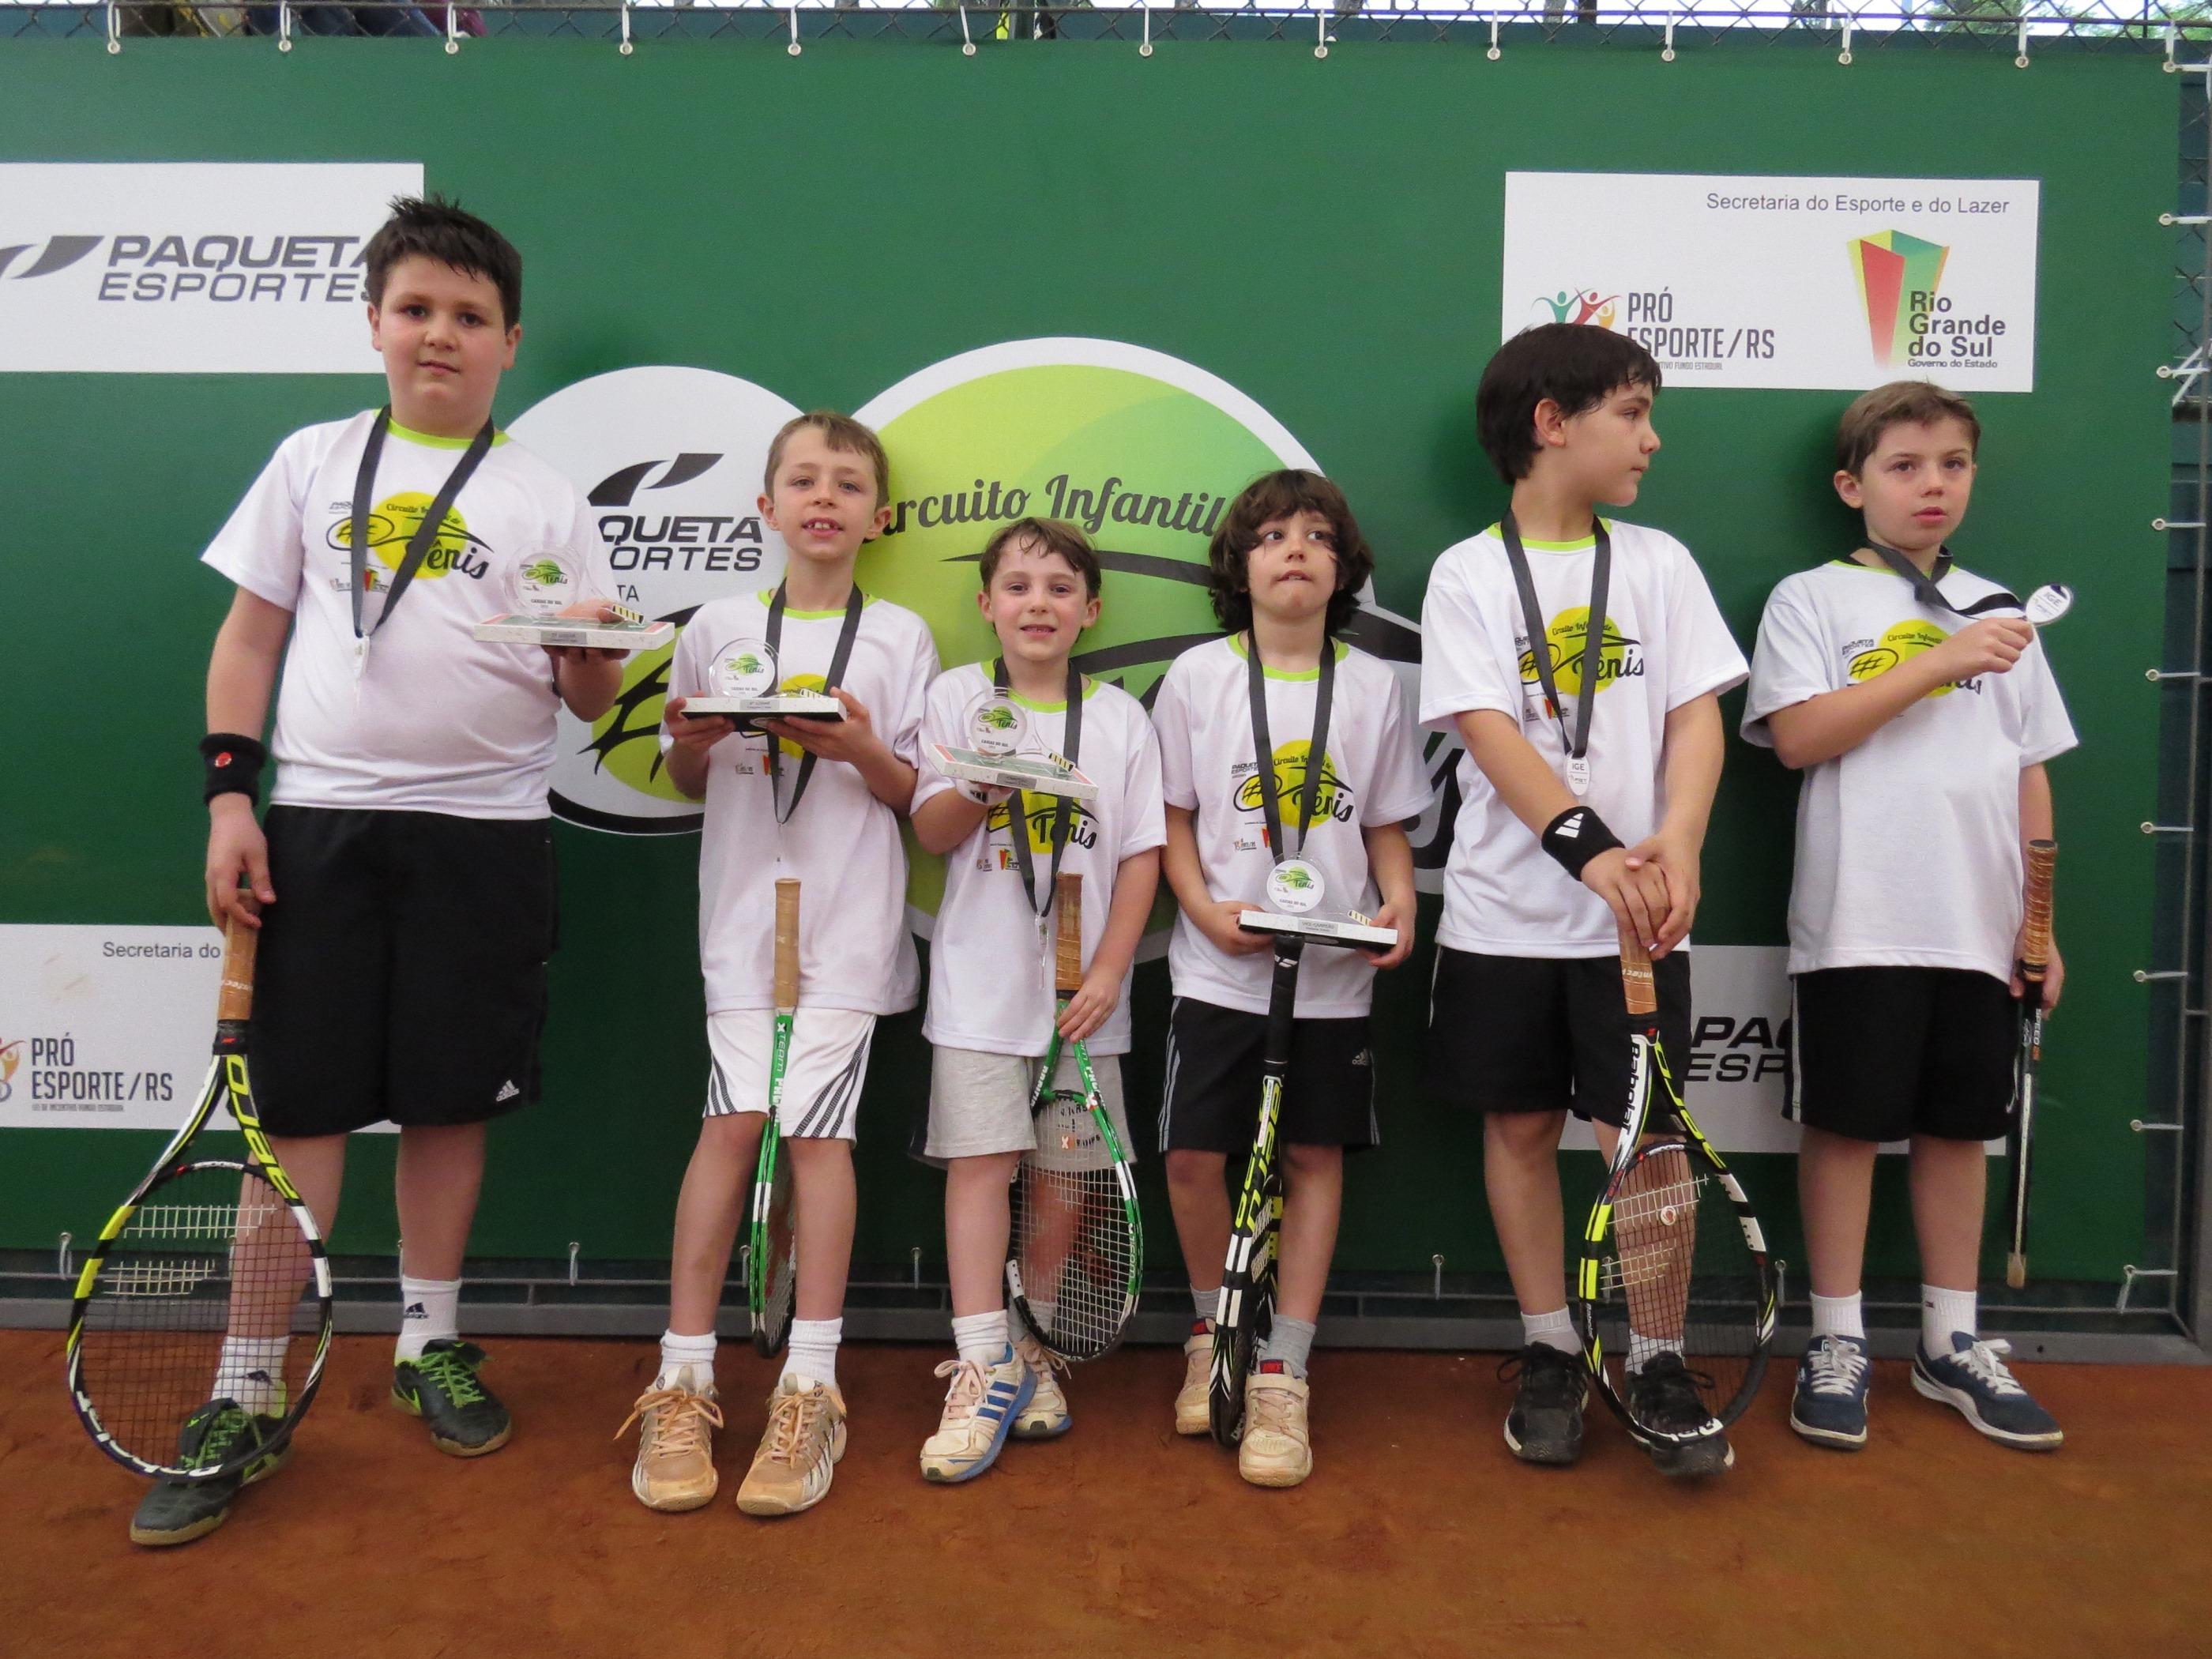 9faf887f0bb Definidos os vencedores da etapa de Caxias do Sul do Circuito Infantil de  Tênis